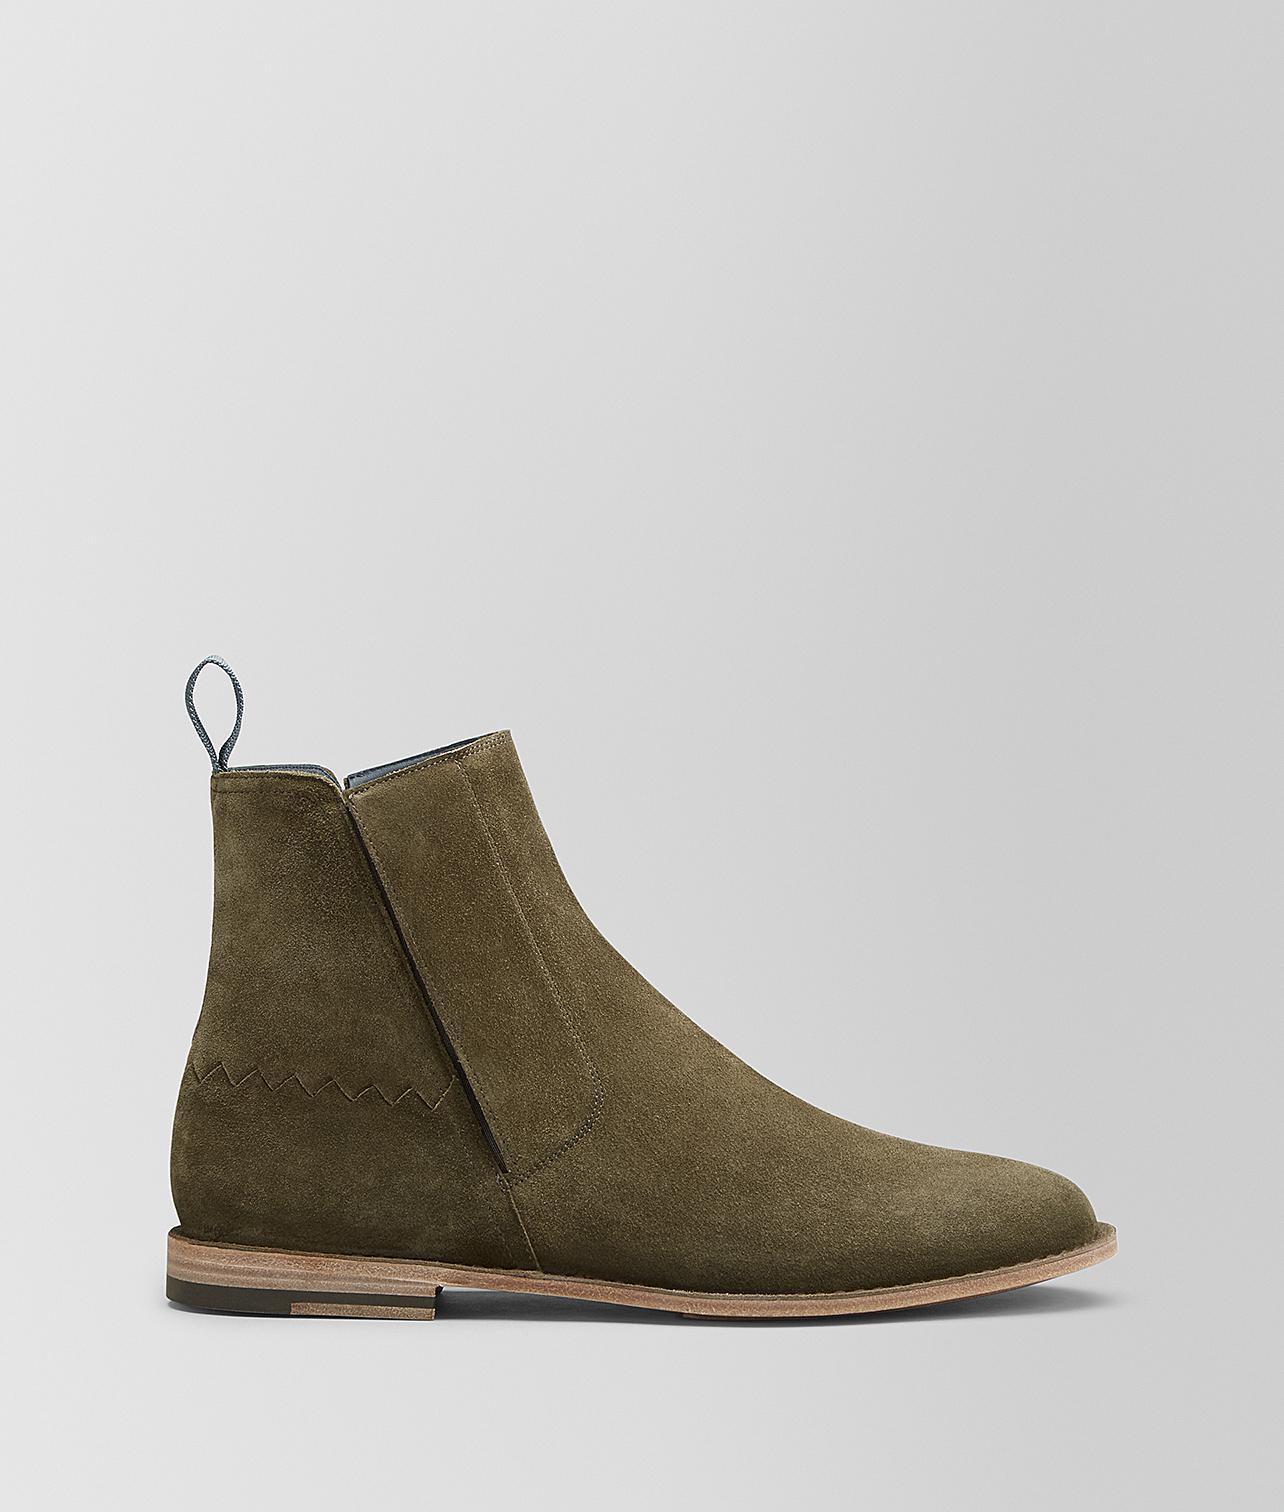 d7a9449679d Lyst - Bottega Veneta Voortrekking Jag Boot In Suede in Green for Men